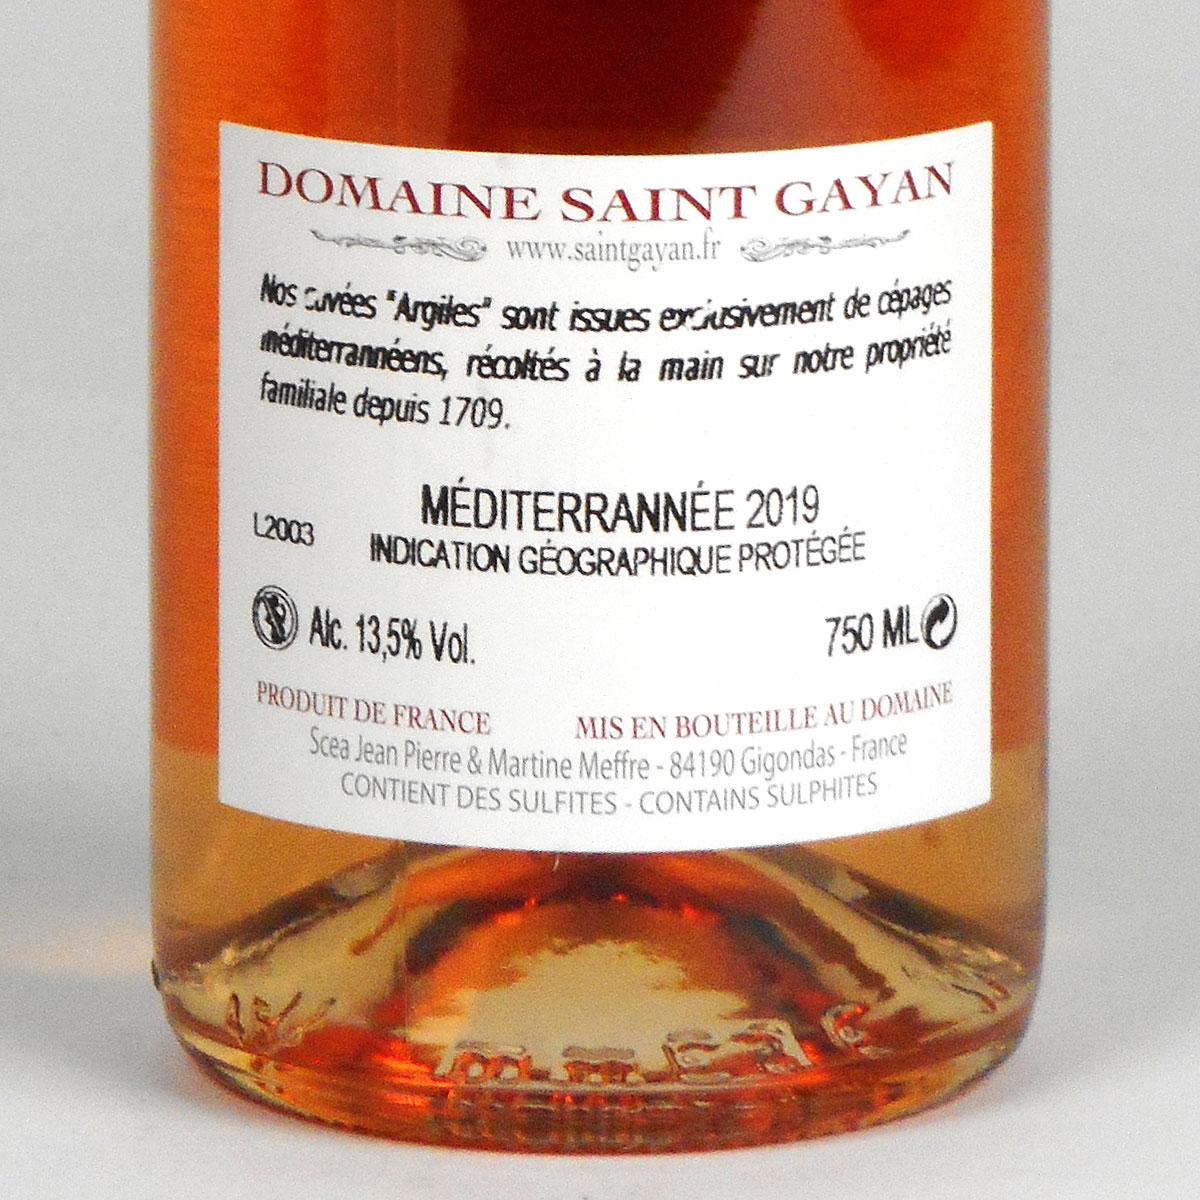 IGP Méditerranée: Domaine Saint Gayan 'Argiles' Rosé 2019 - Bottle Rear Label